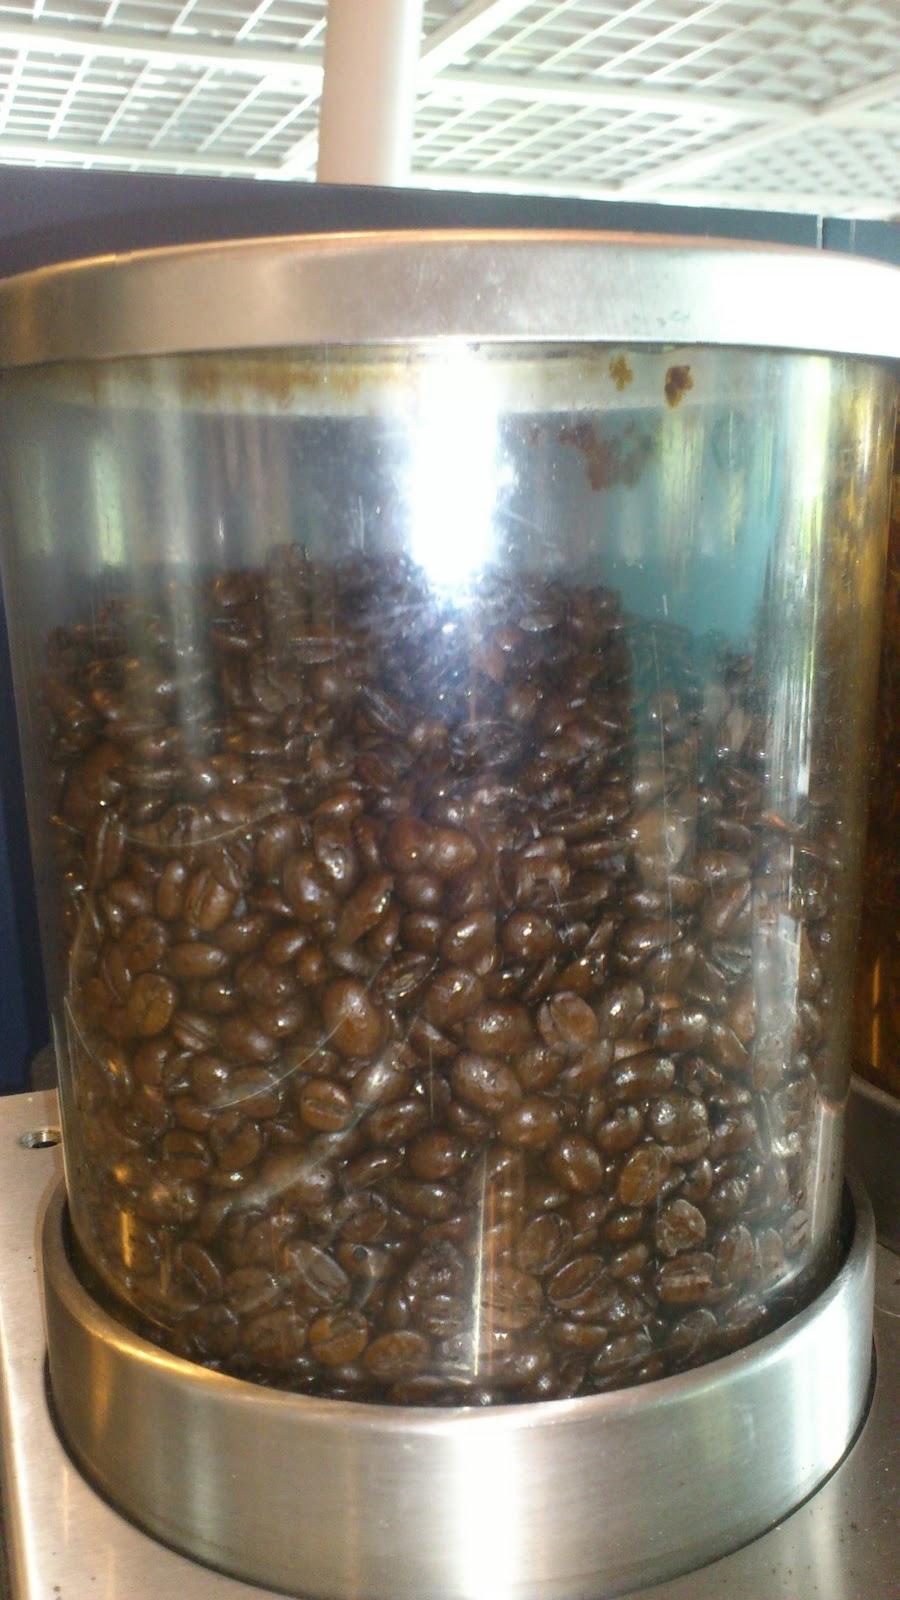 Le ristretto caf le blog le cacaf chez ikea - Les commodes chez ikea ...